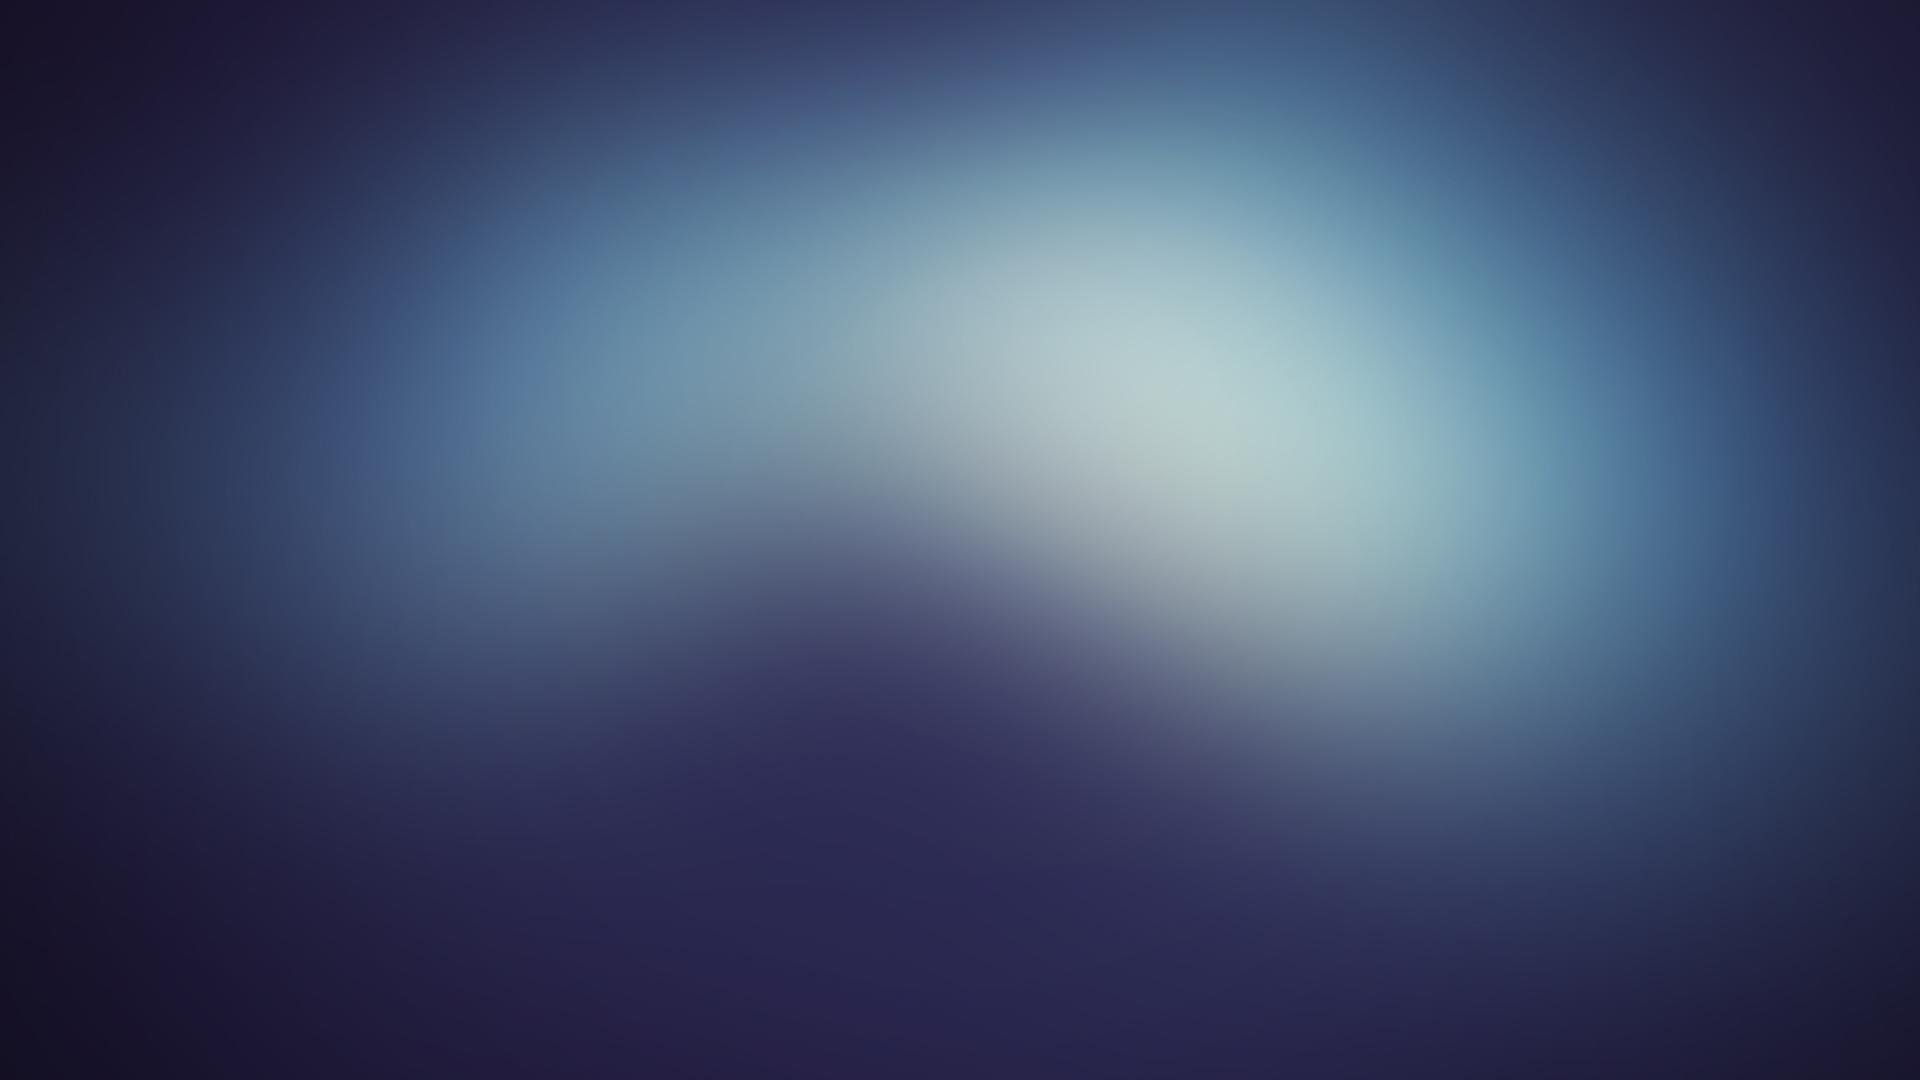 piccit_blue_blur_1920x1080_754519410